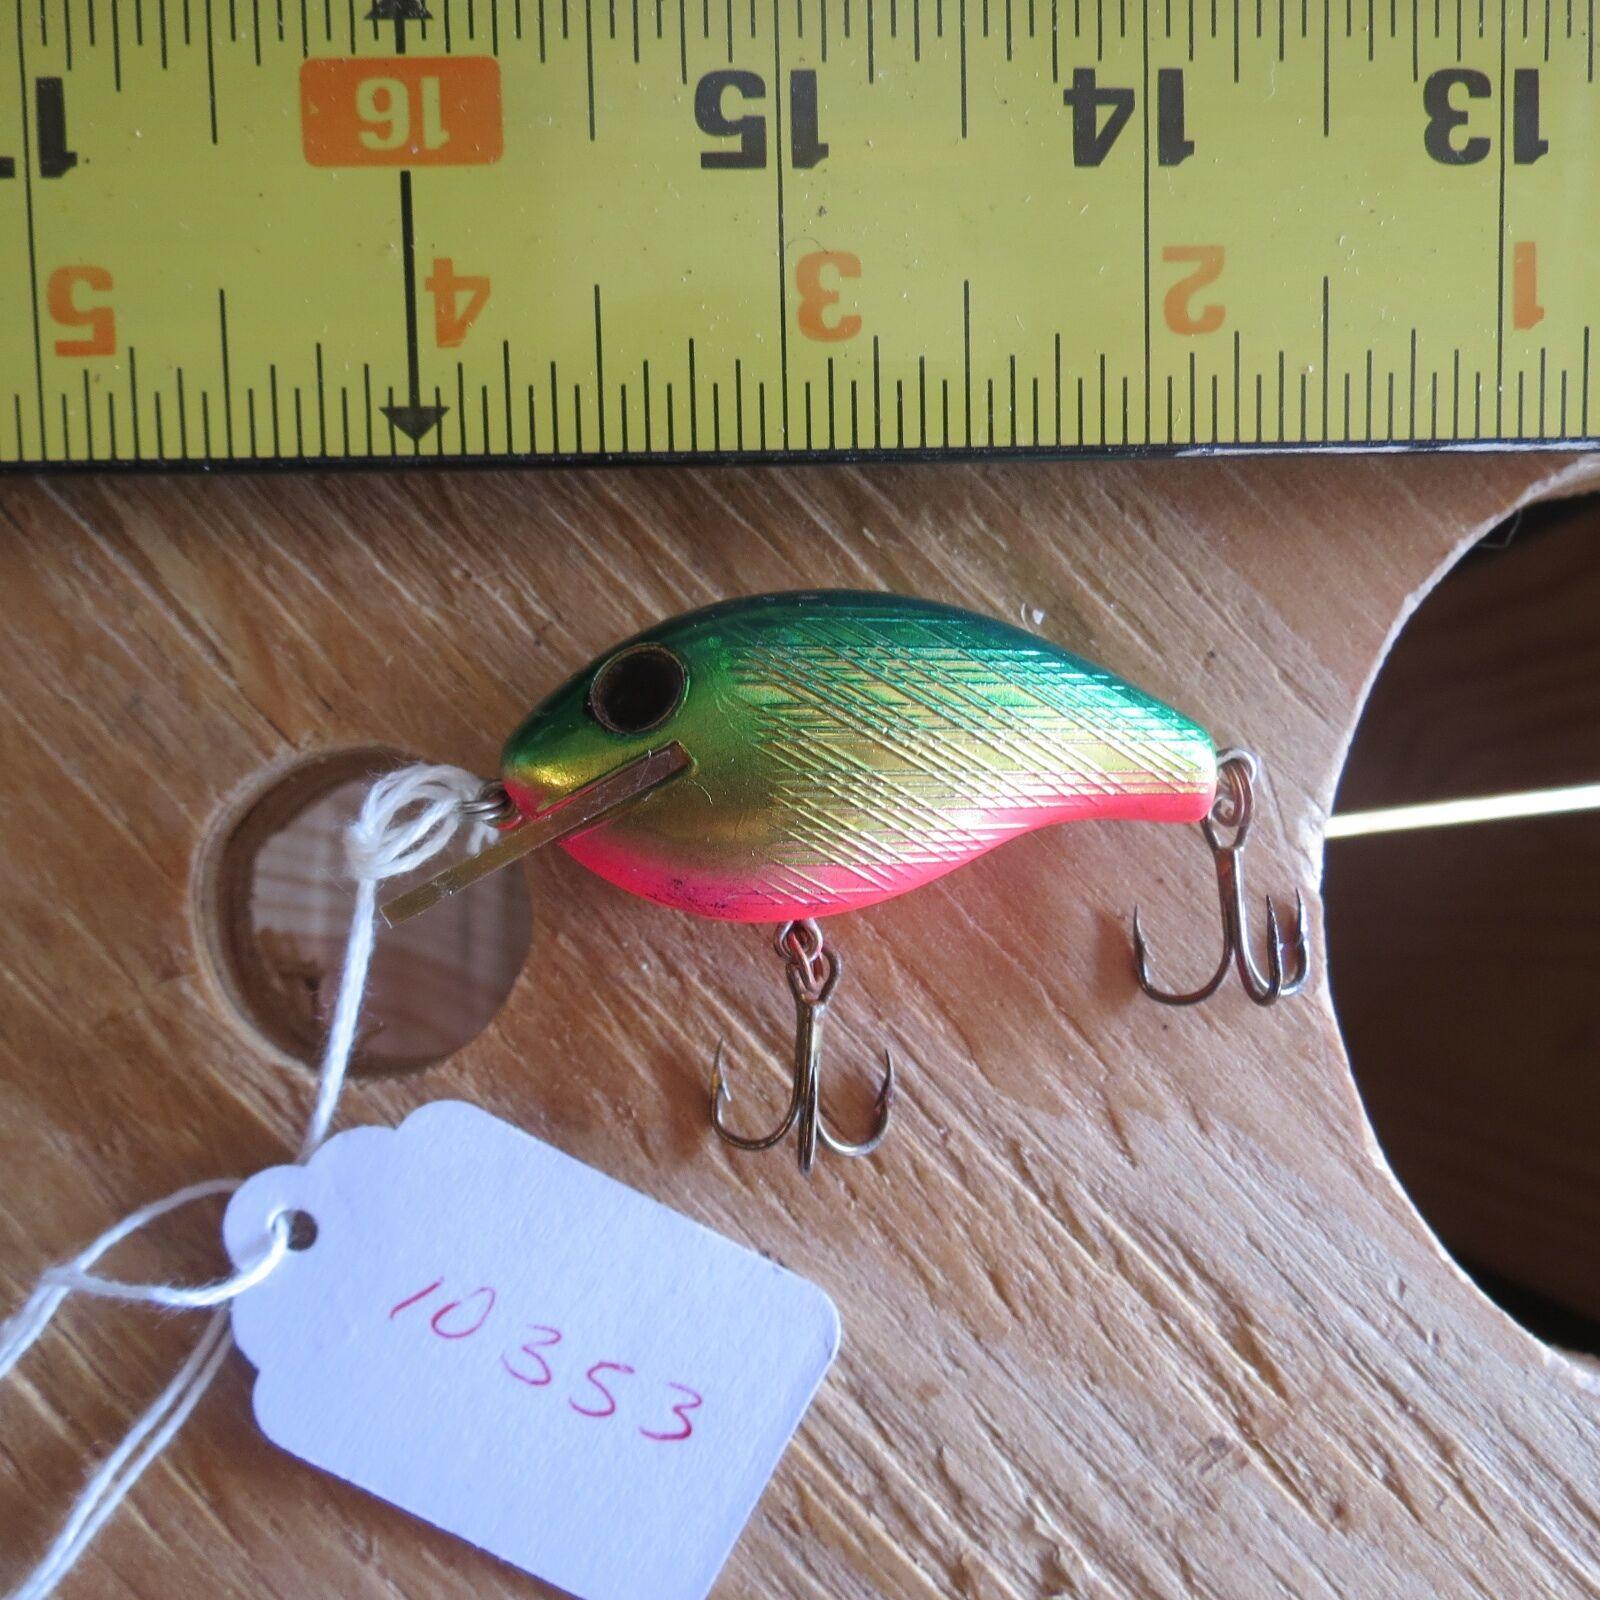 Rebel Wee R fishing lure (lot)